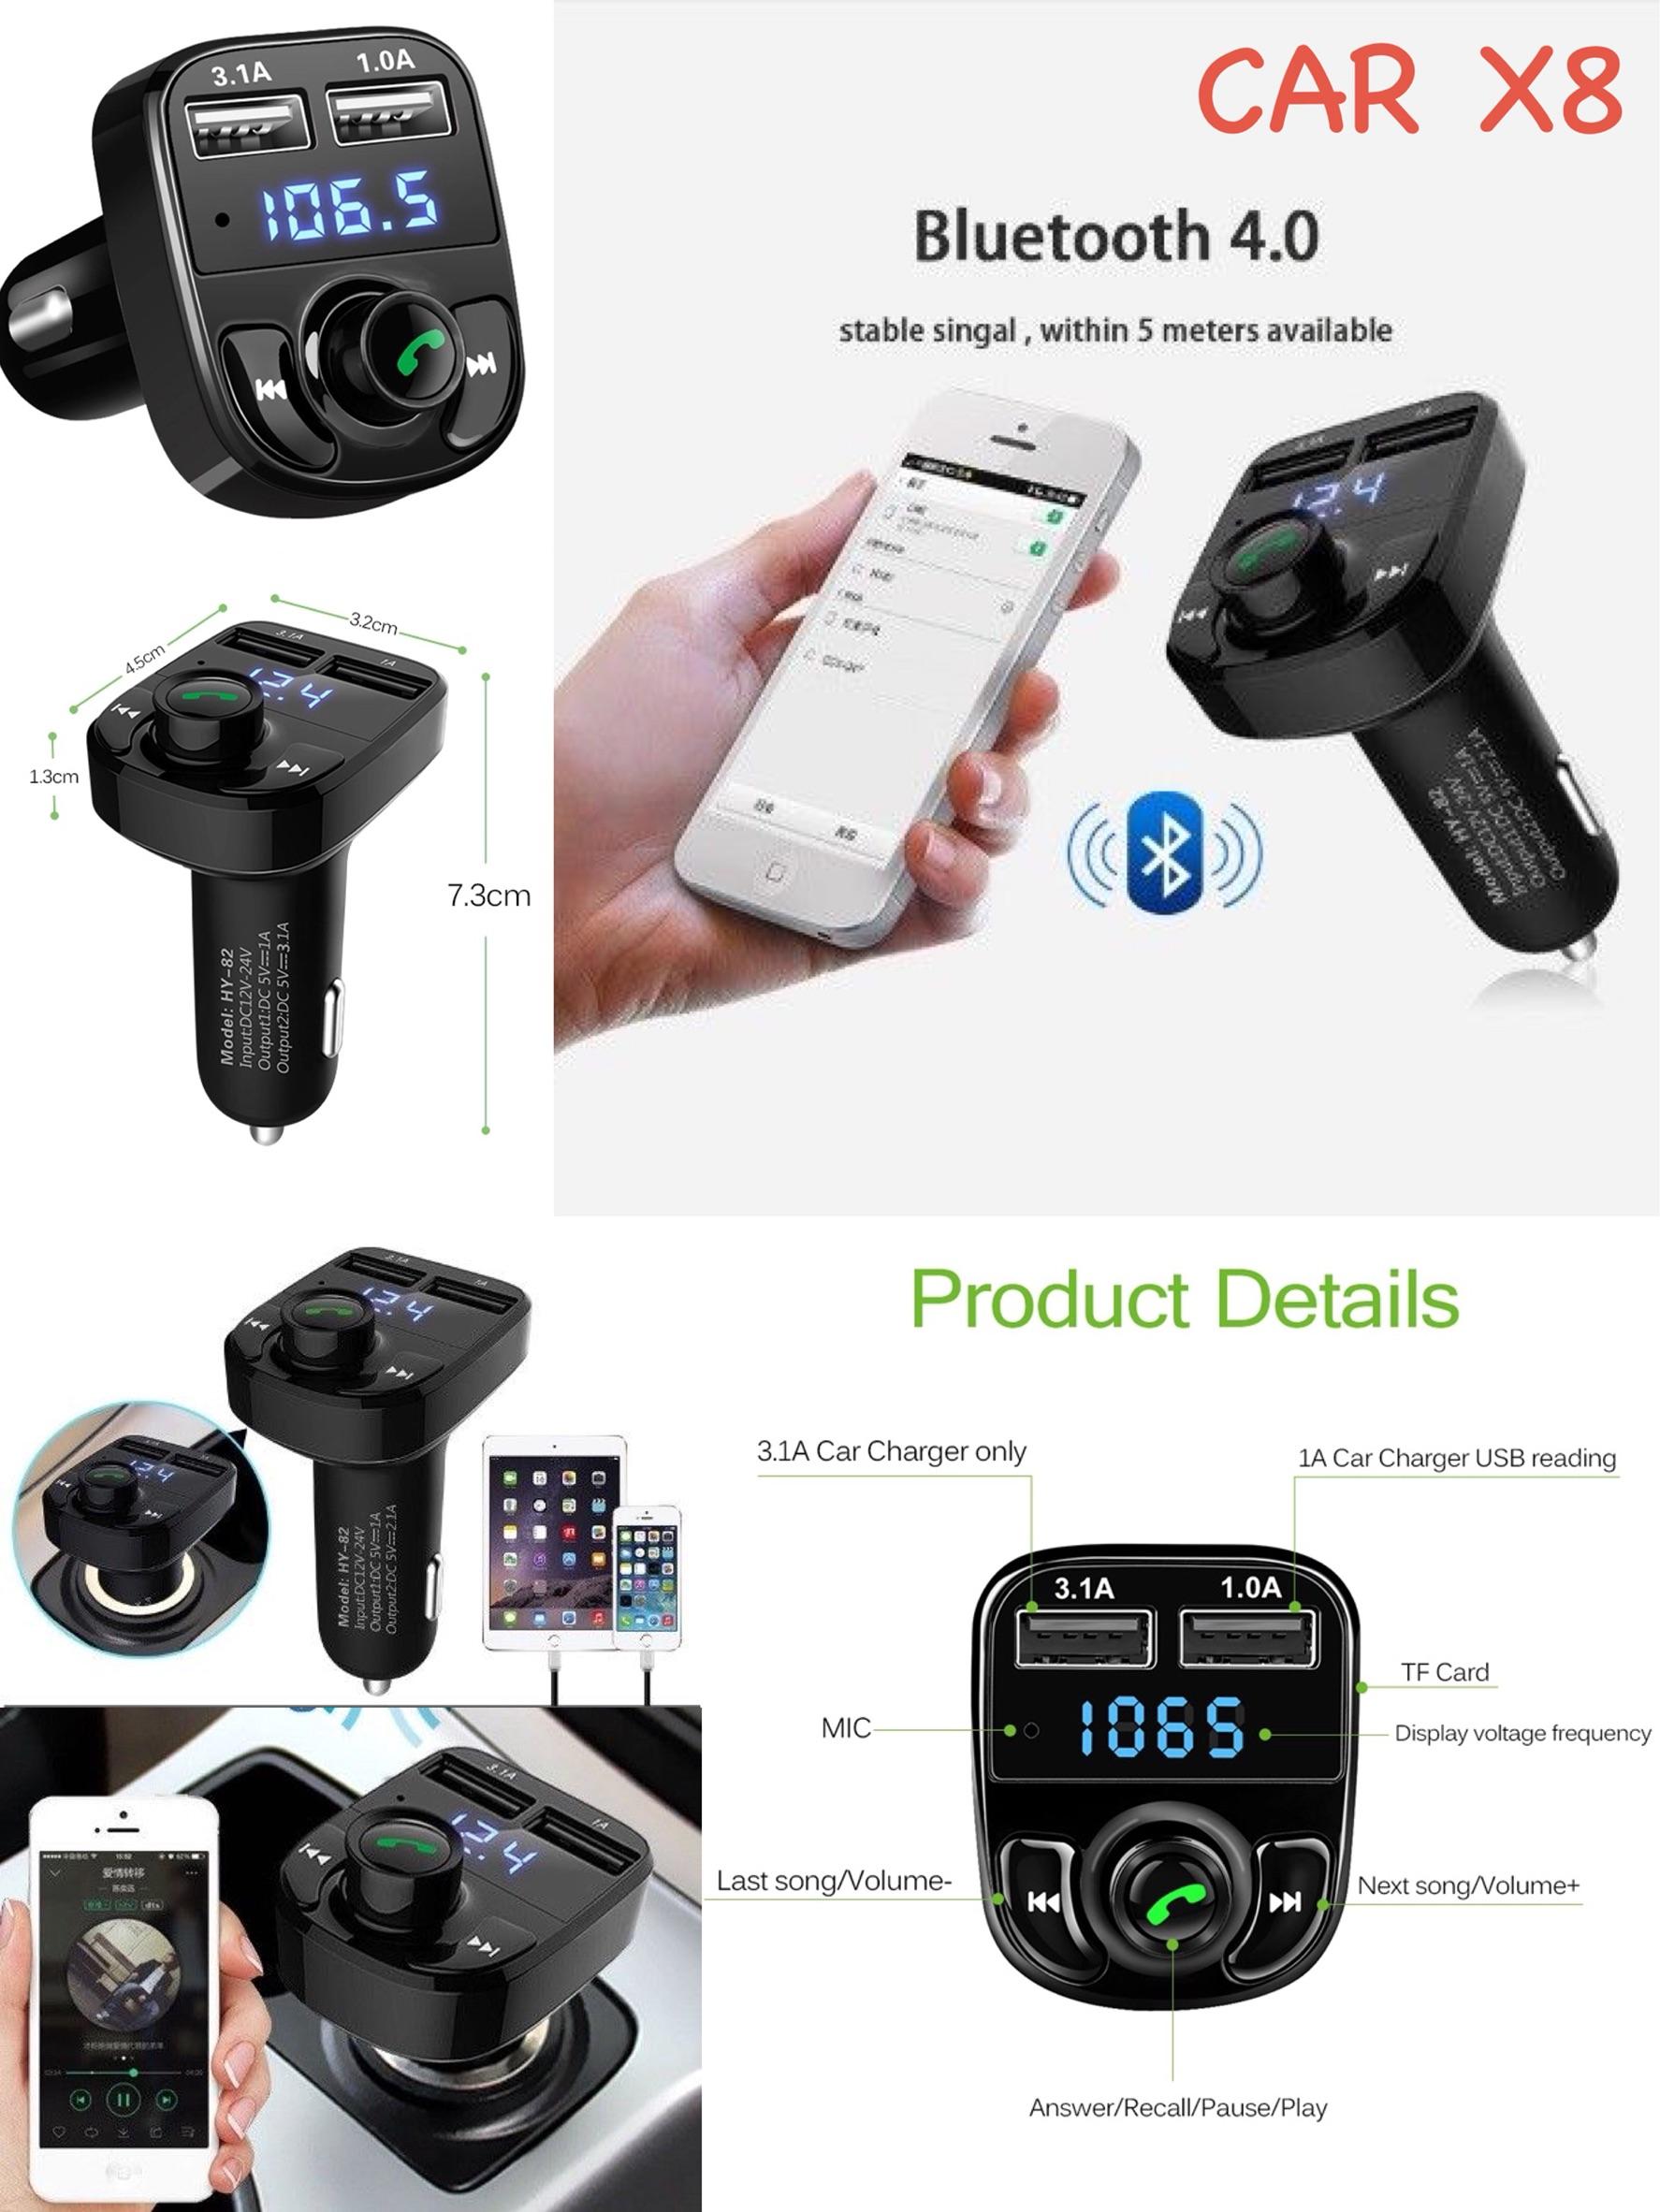 เครื่องเล่น MP3 รถยนต์ รุ่น Car X8